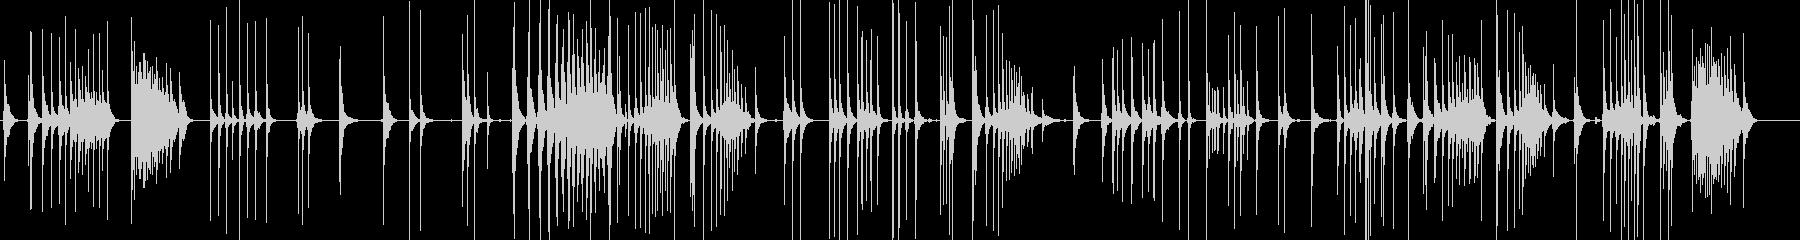 三味線140鞍馬山1稚児遮那王剣術修行御の未再生の波形